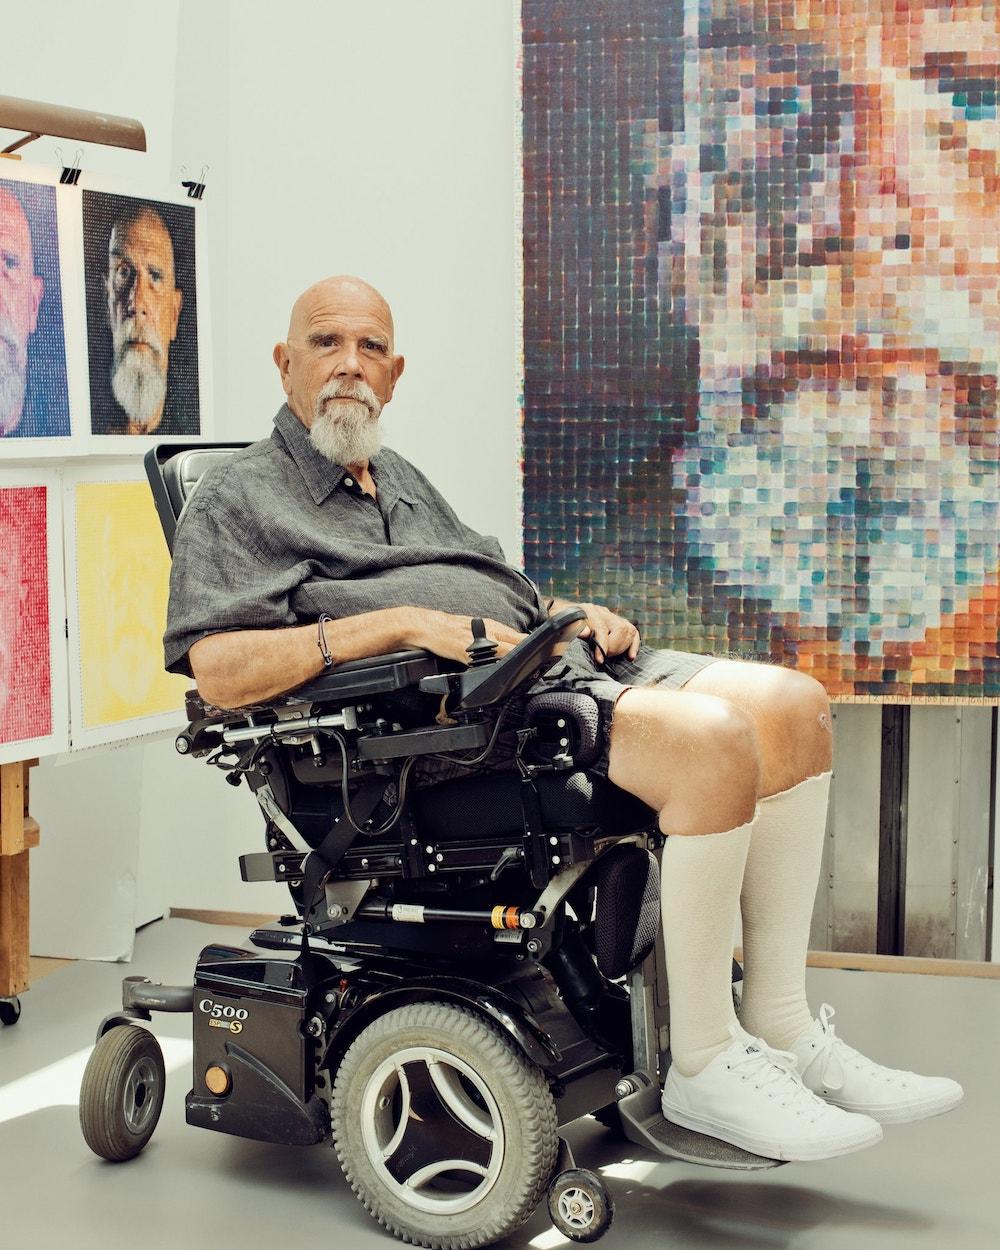 查克·克洛斯(1940-2021),此图拍摄于2017年,摄影师Ryan Pfluger。